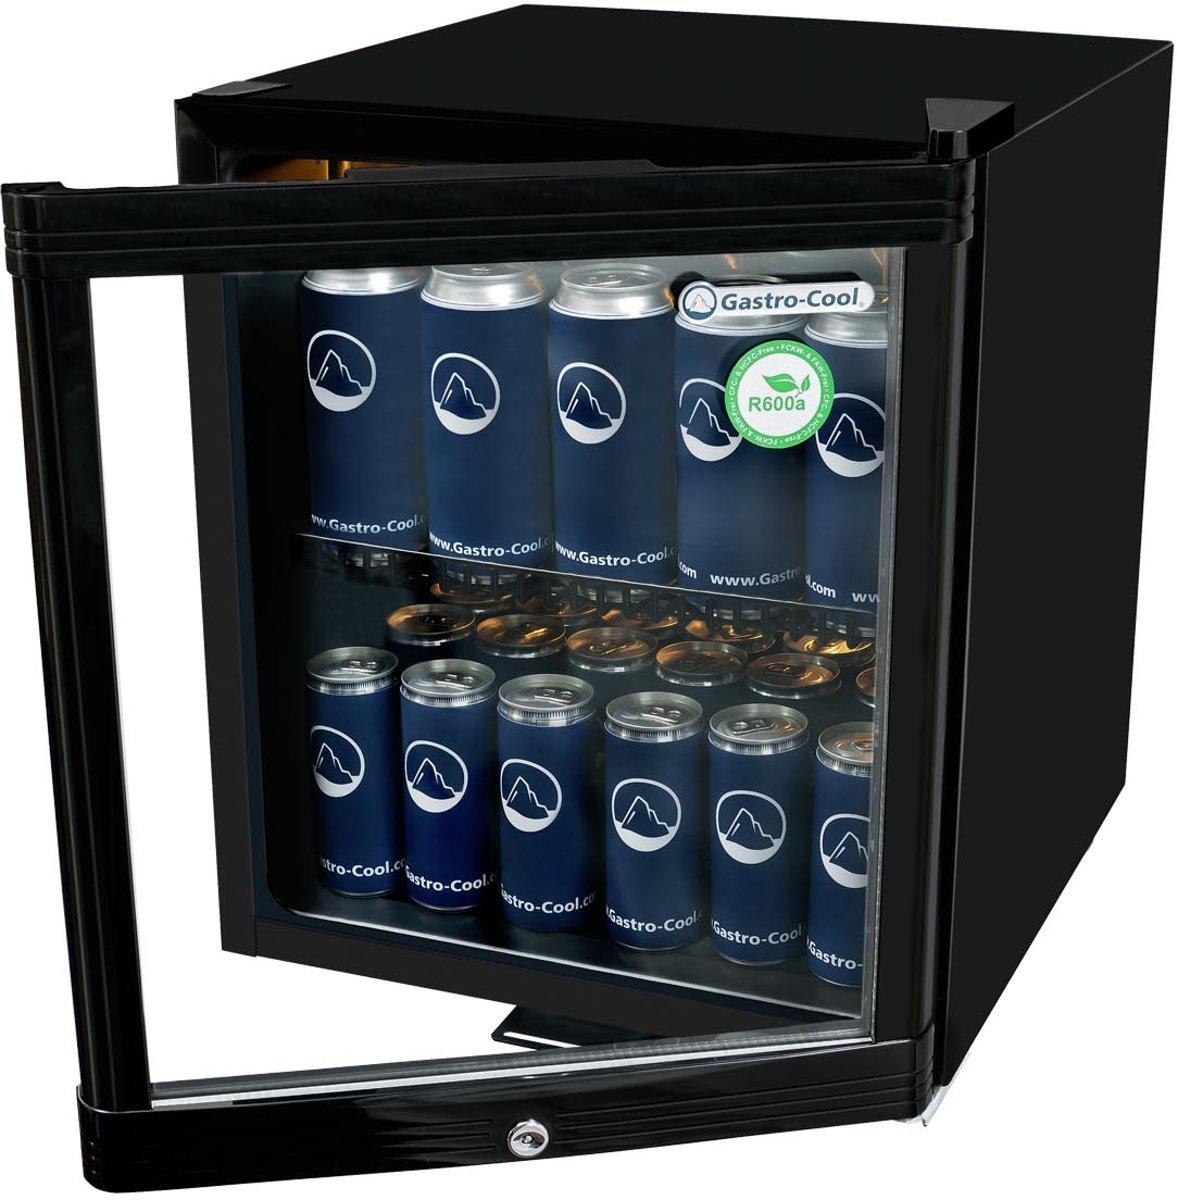 Gastro-Cool KW50 - Mini koelkast met glazen deur 46 Liter - Zwart/Zwart/Zwart 203100 kopen